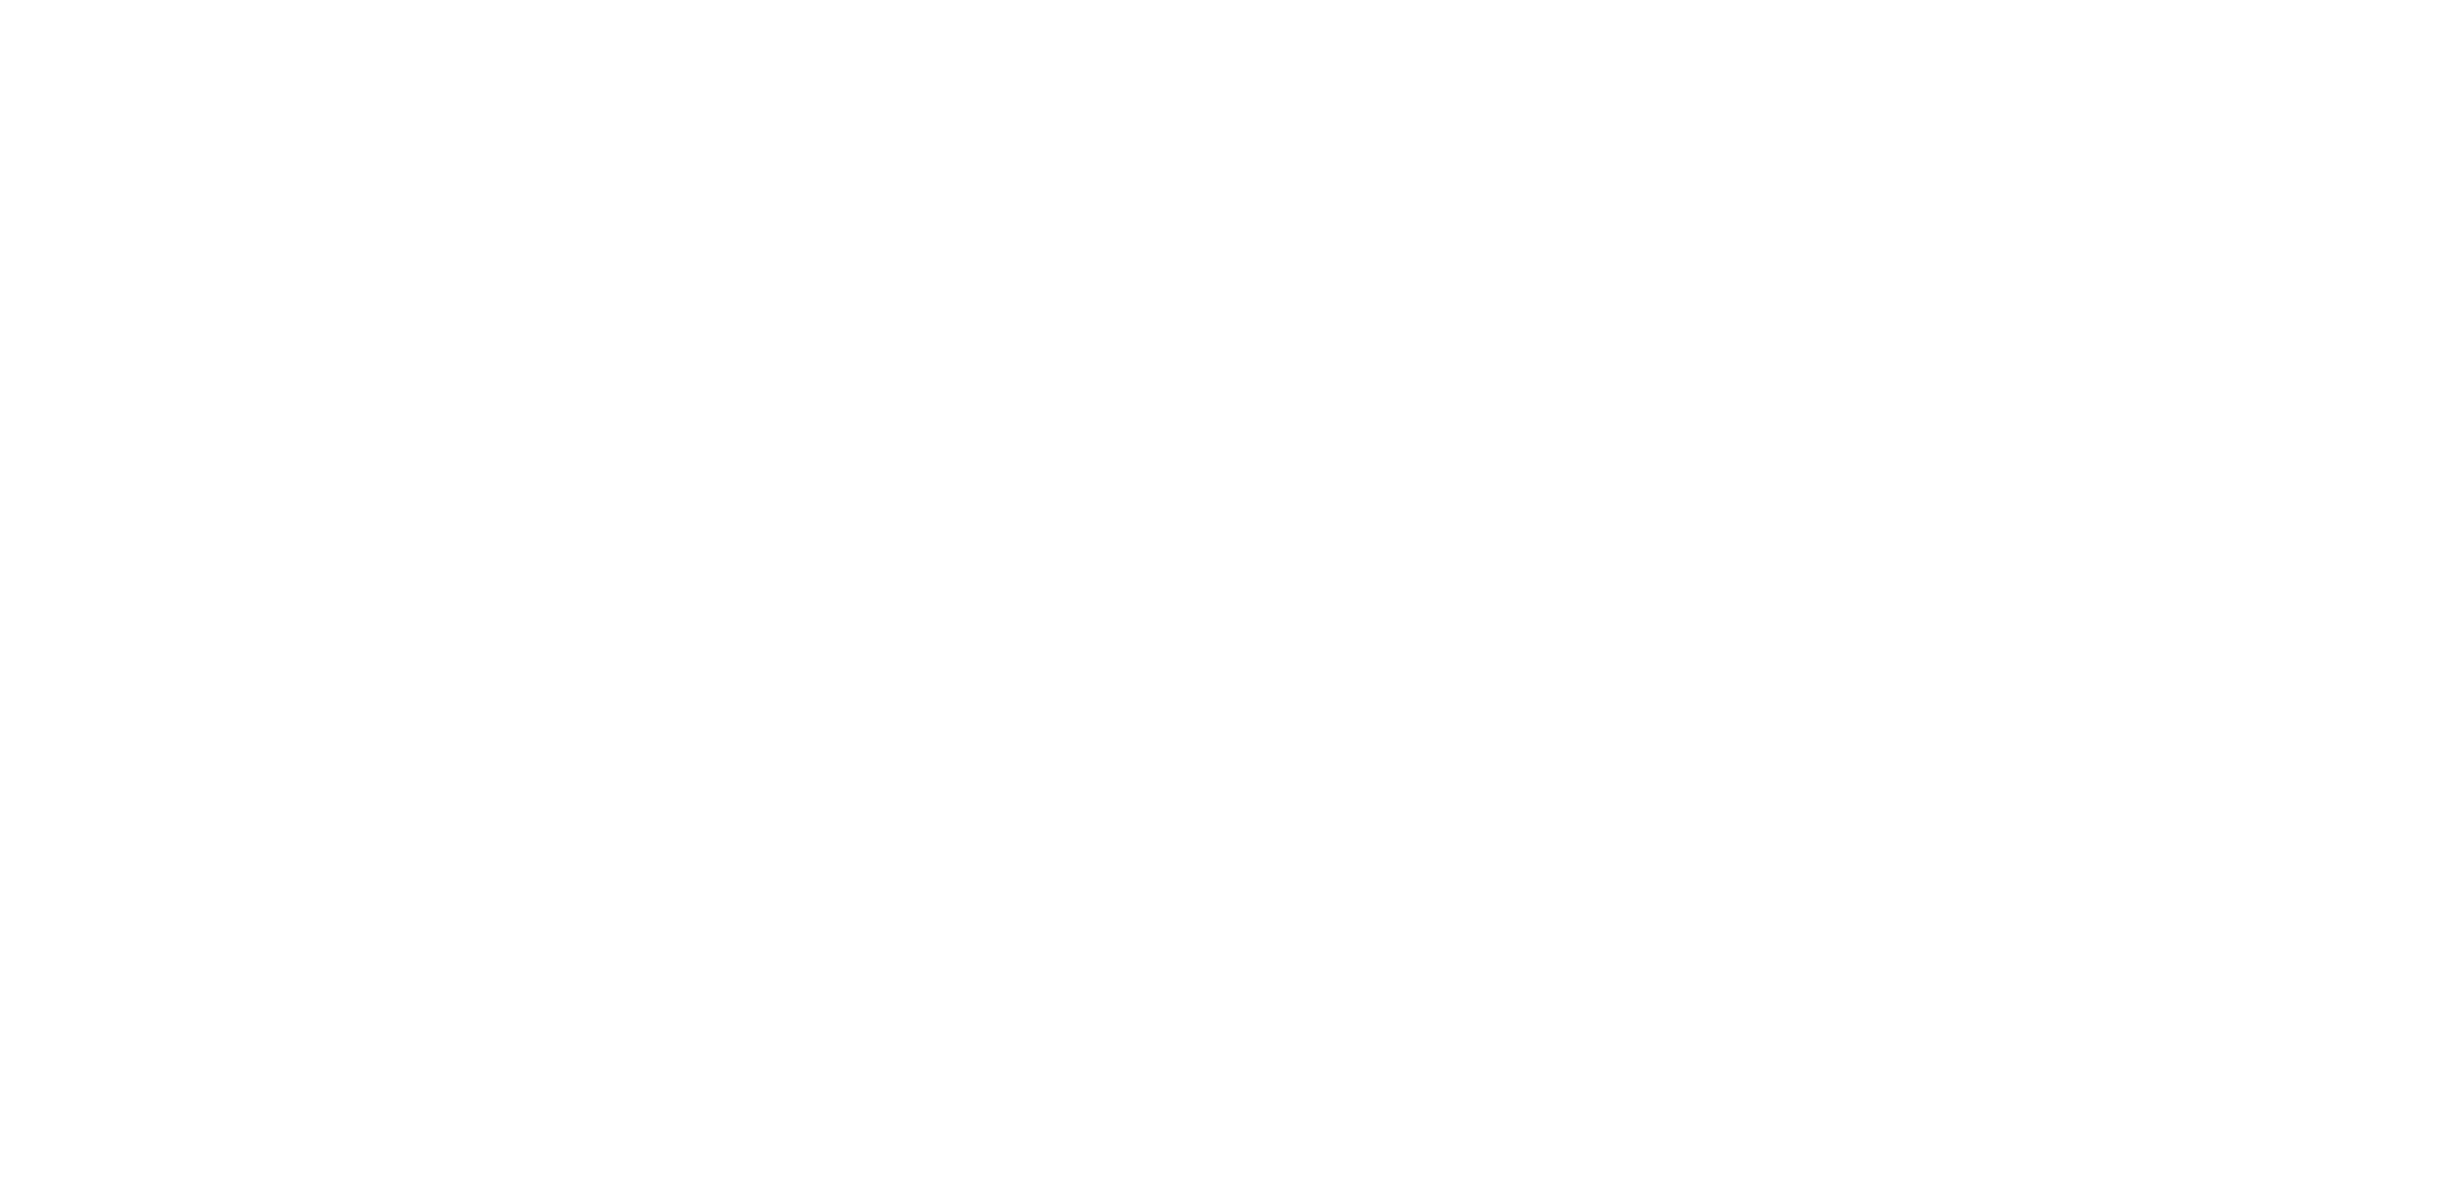 0_bw_gsca-achievementawards_best-vfx_white.png